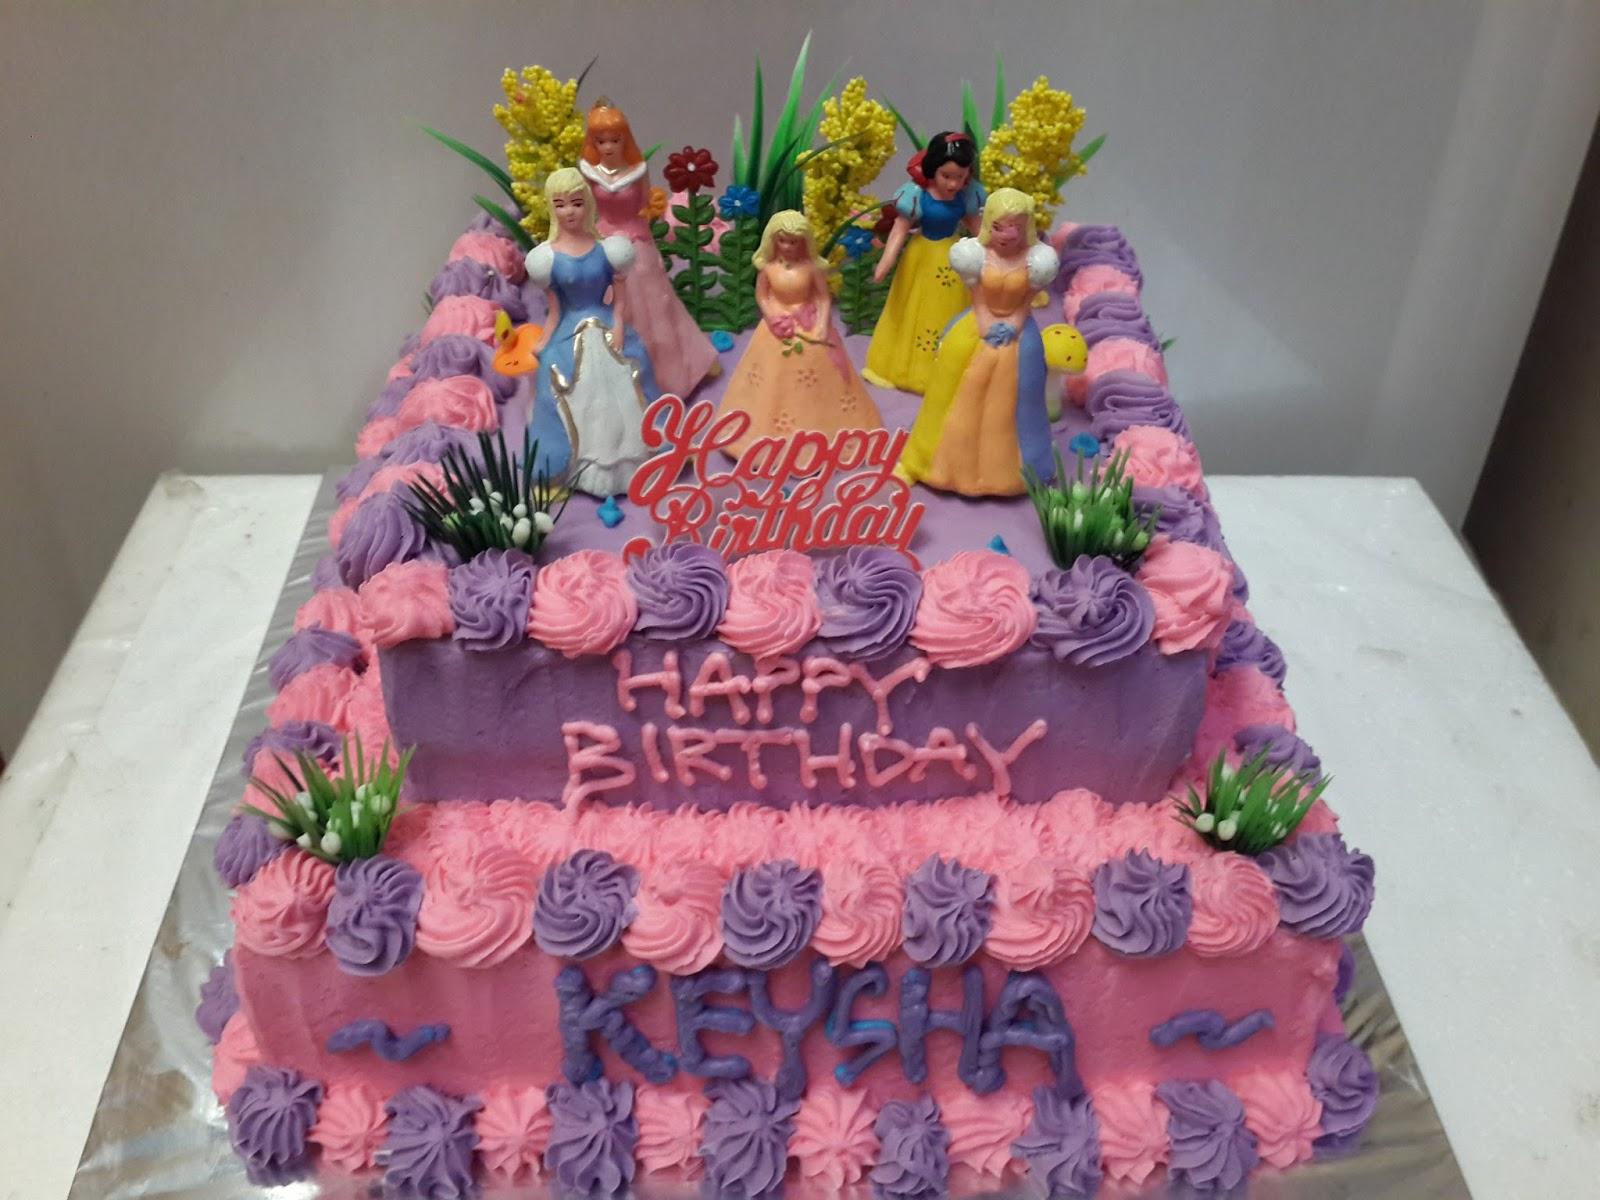 Toko Kue Bolu Enak Barbie Birthday Cake